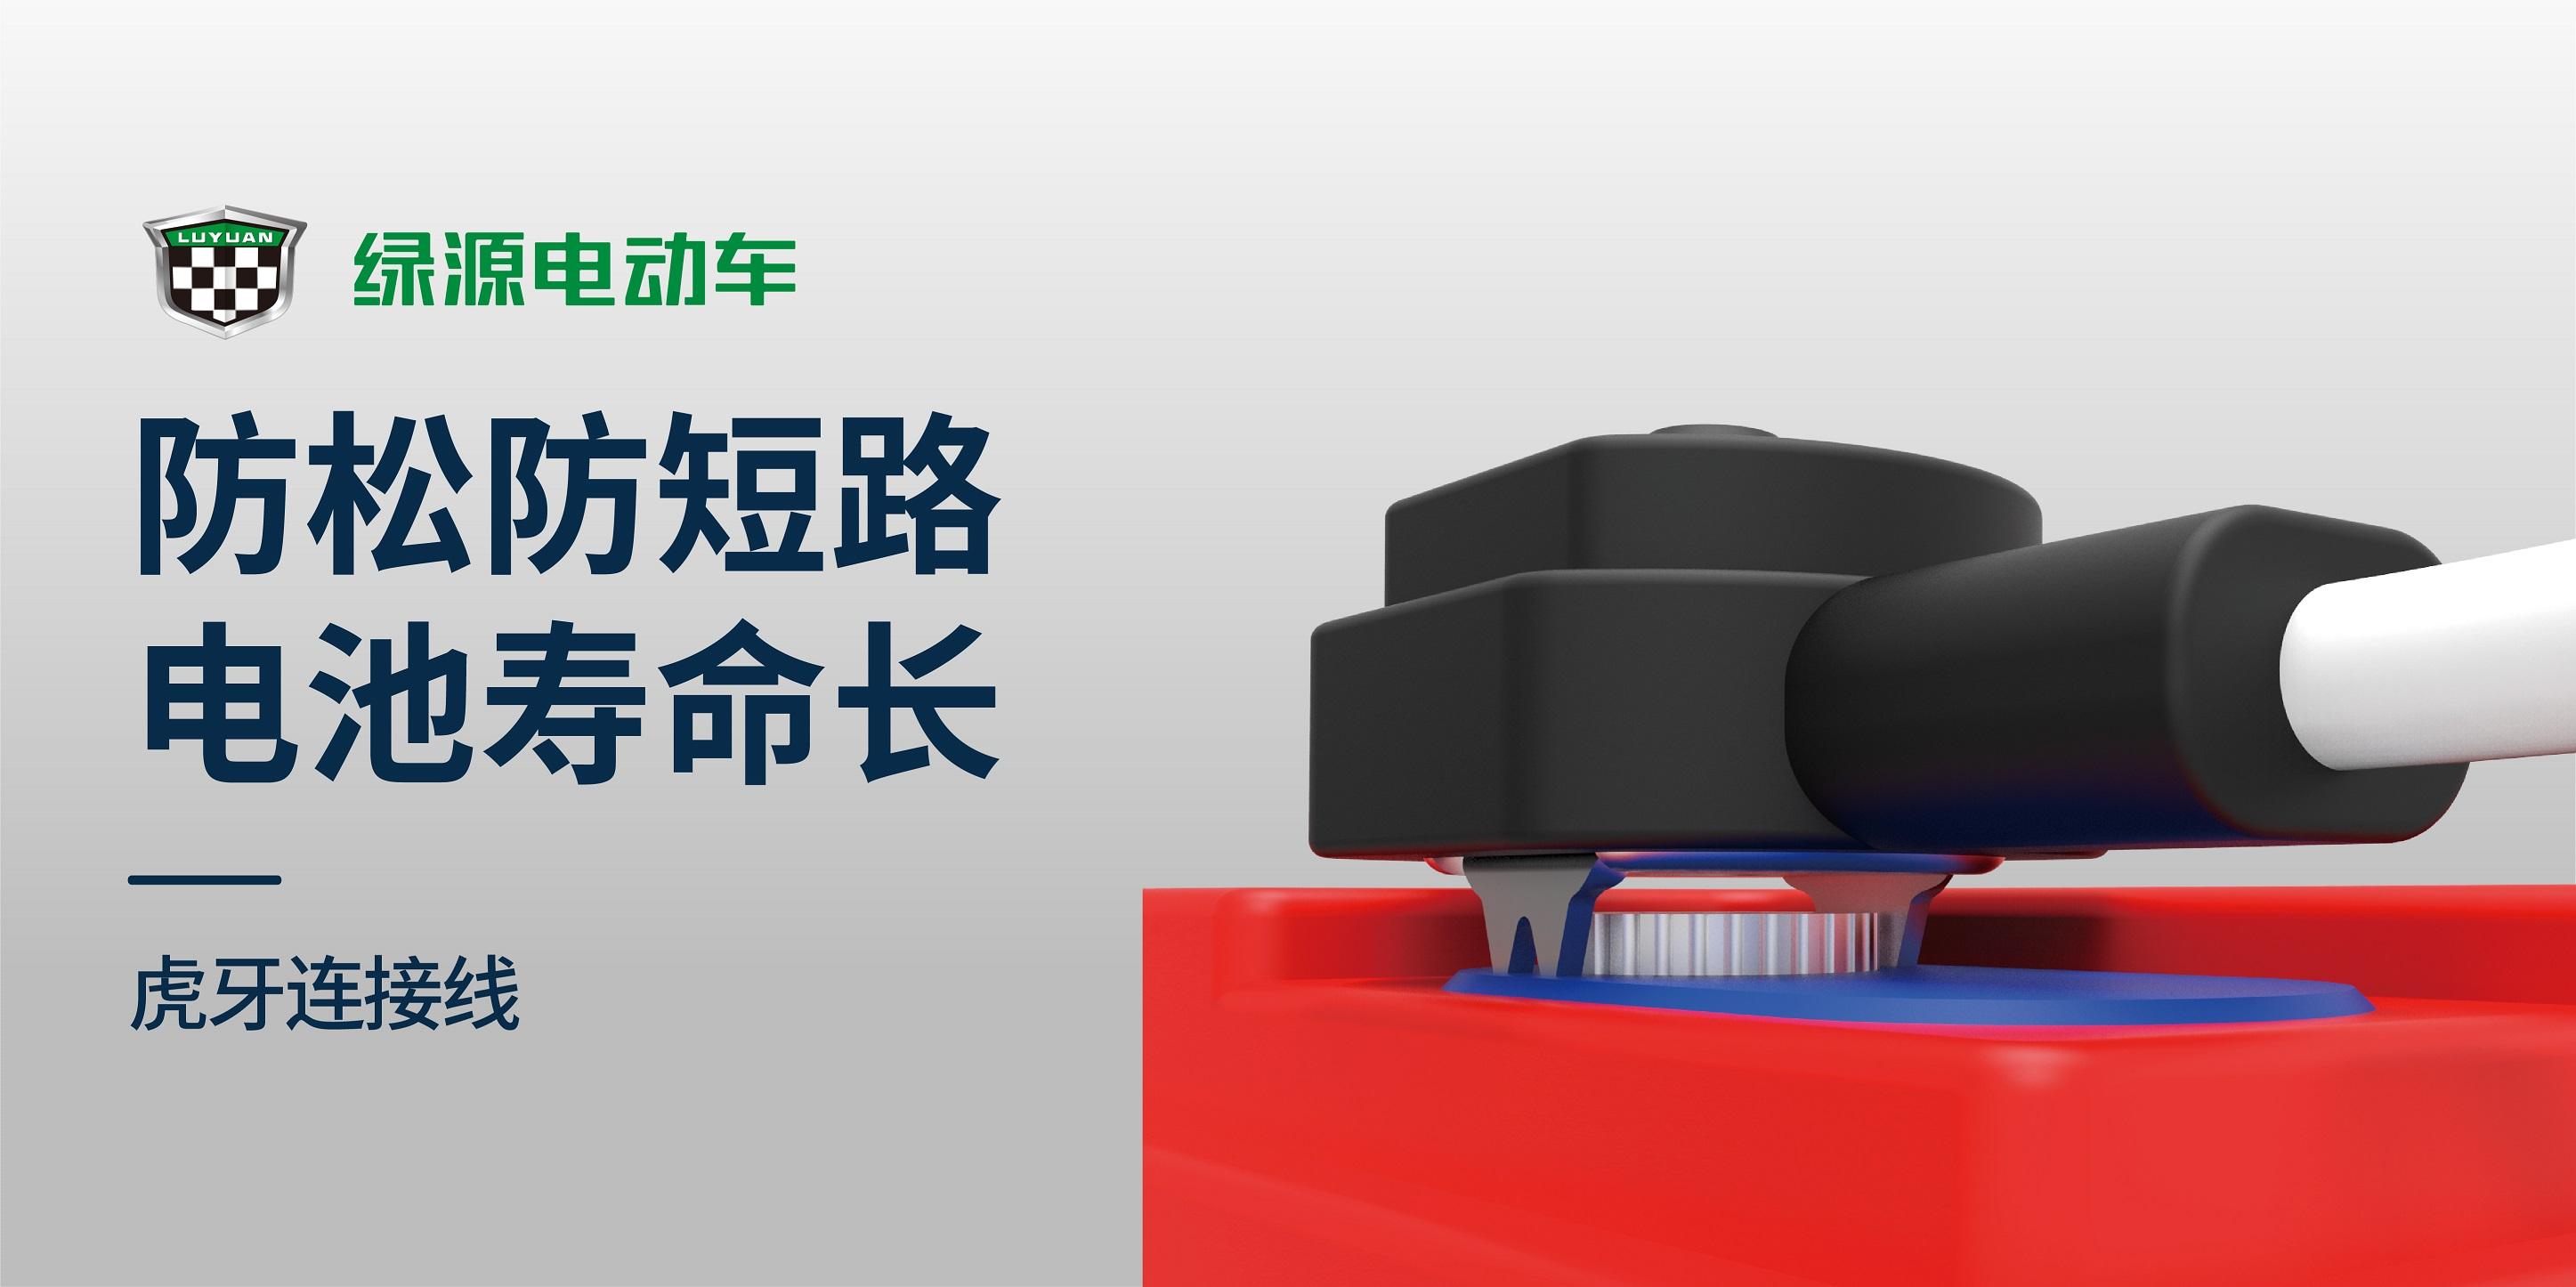 虎牙电池专用连接线.jpg